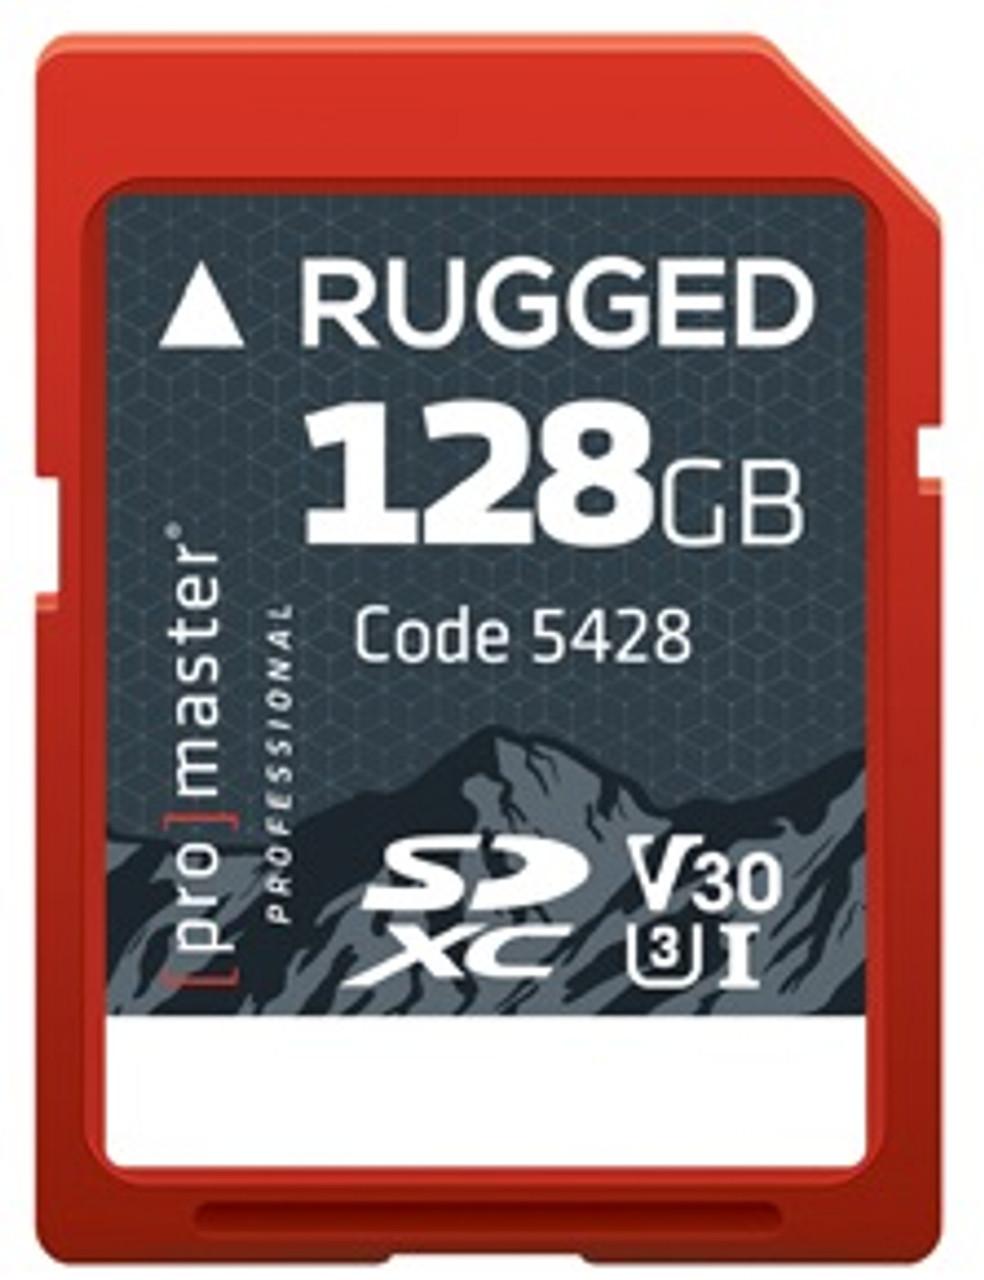 ProMaster 128GB SDXC Rugged UHS-I